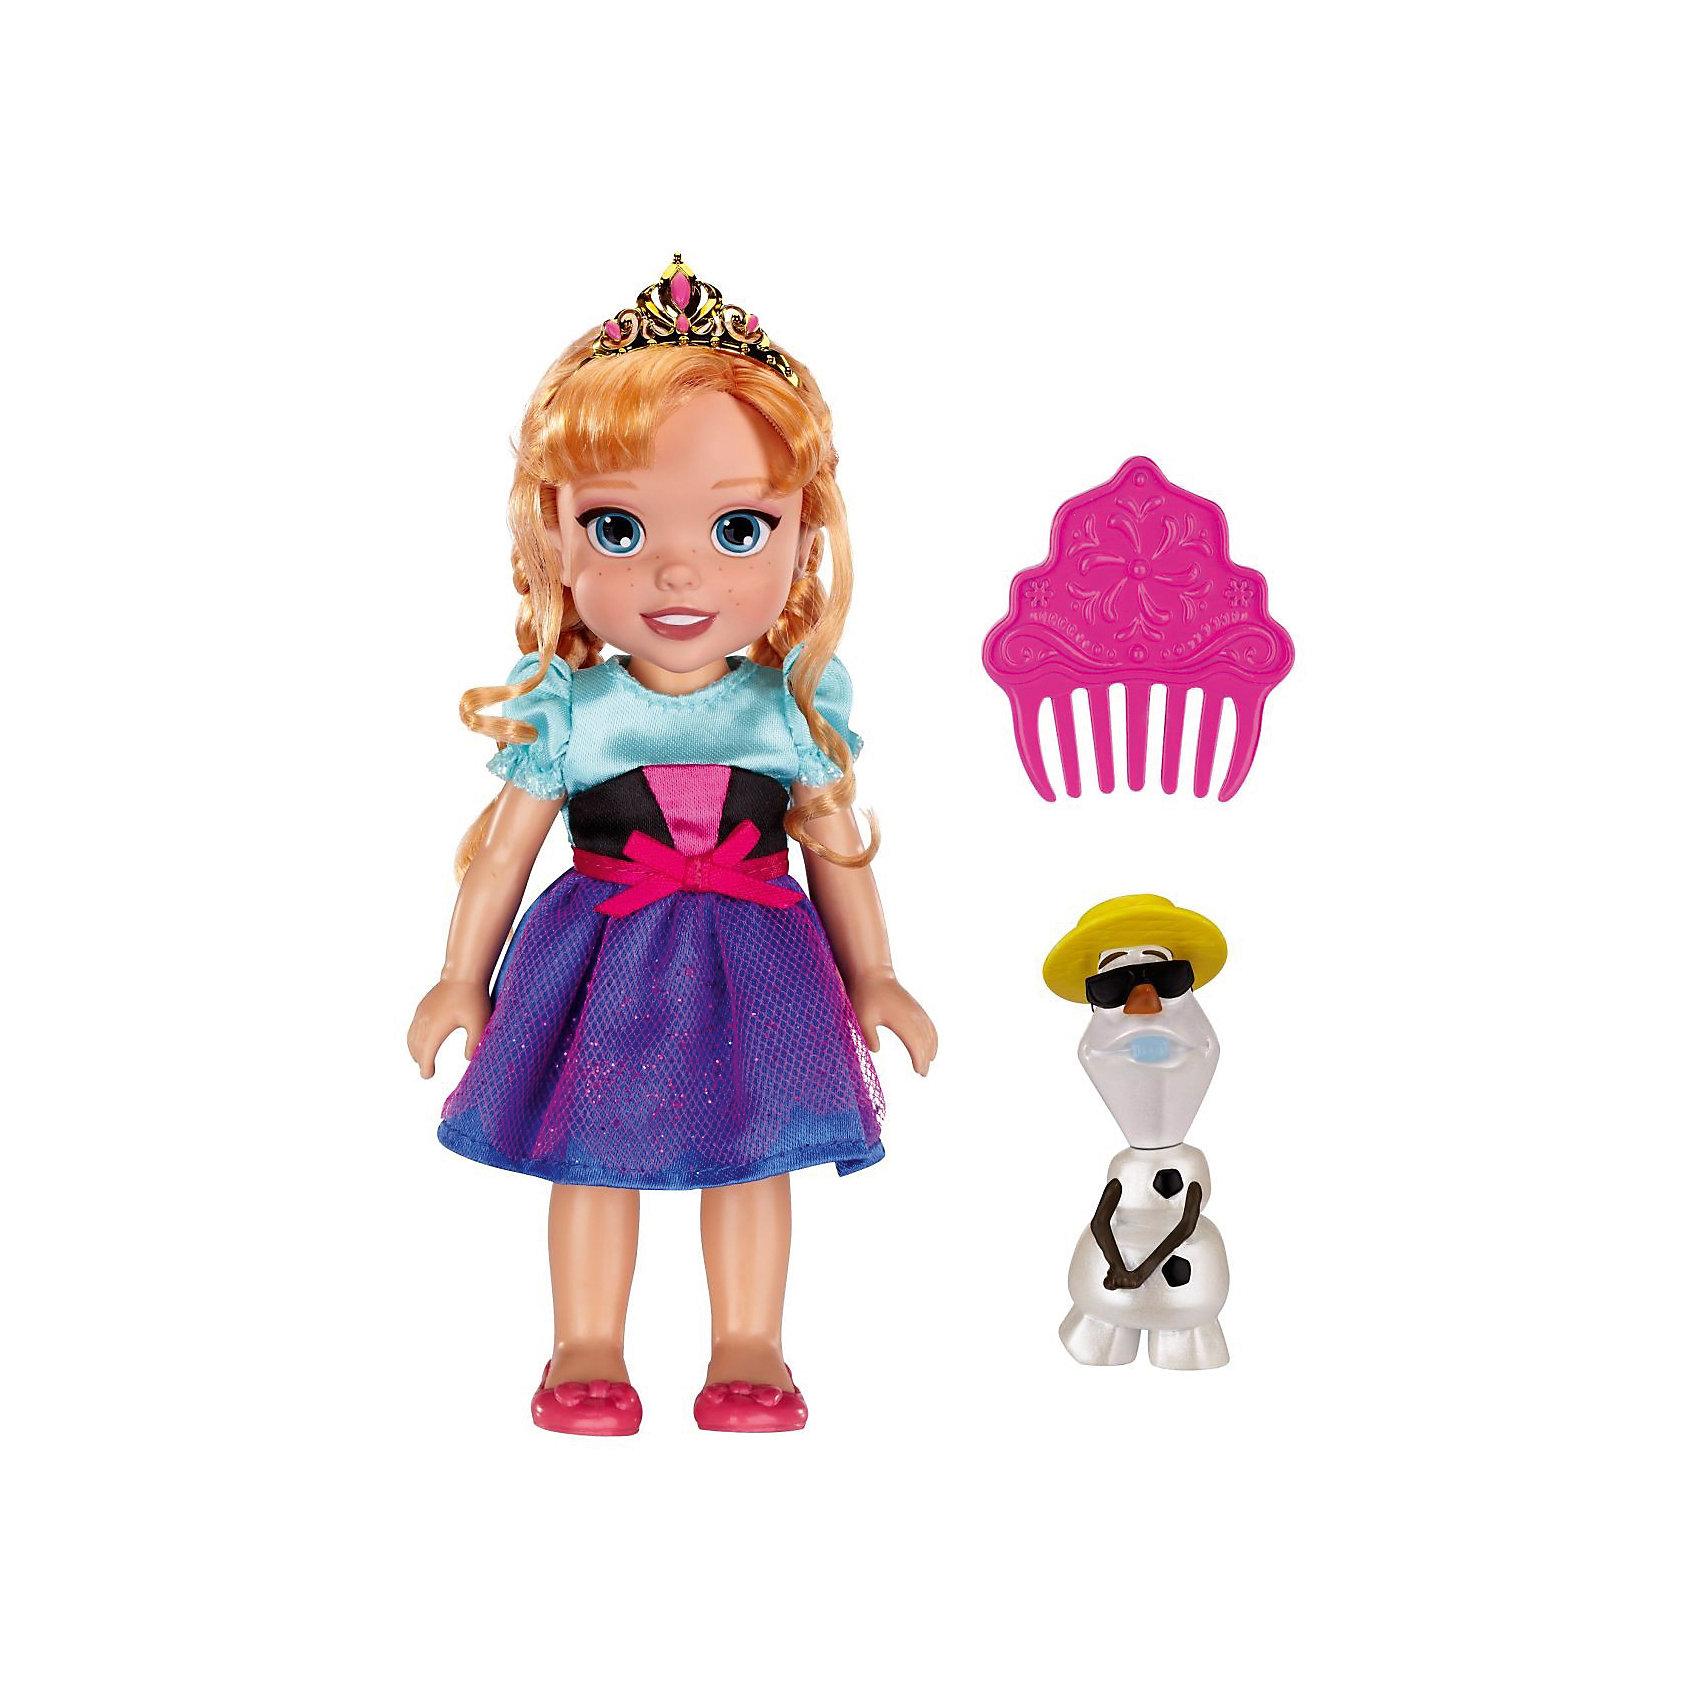 Кукла-малышка Холодное Сердце со снеговиком - Анна, 15 смХолодное Сердце<br>Характеристики товара:<br><br>• высота: 15 см<br>• размер упаковки: 14х7х20 см<br>• материал: пластик<br>• отличная детализация<br>• возраст: от трех лет<br>• комплектация: кукла, снеговик, гребень<br>• волосы куклы можно расчесывать<br><br>Игрушка в виде любимого героя - желанный подарок для малыша! Такая кукла сделана в виде маленькой принцессы из мультфильма Холодное сердце - а их современные девочки просто обожают. Кукла очень качественно выполнена, благодаря наличию в наборе её друга - снеговика Олафа - с ней можно придумать множество игр!<br>Игра с куклами помогает девочкам развивать важные социальные навыки и способности, она активизирует мышление, формирует умение заботиться о других, логику, мелкую моторику и воображение, помогает проработать сценарии взаимодействия с людьми. Изделие производится из качественных сертифицированных материалов, безопасных даже для самых маленьких.<br><br>Куклу Анна с Олафом, 15 см, Холодное сердце, можно купить в нашем интернет-магазине.<br><br>Ширина мм: 140<br>Глубина мм: 195<br>Высота мм: 65<br>Вес г: 215<br>Возраст от месяцев: 36<br>Возраст до месяцев: 2147483647<br>Пол: Женский<br>Возраст: Детский<br>SKU: 5227286